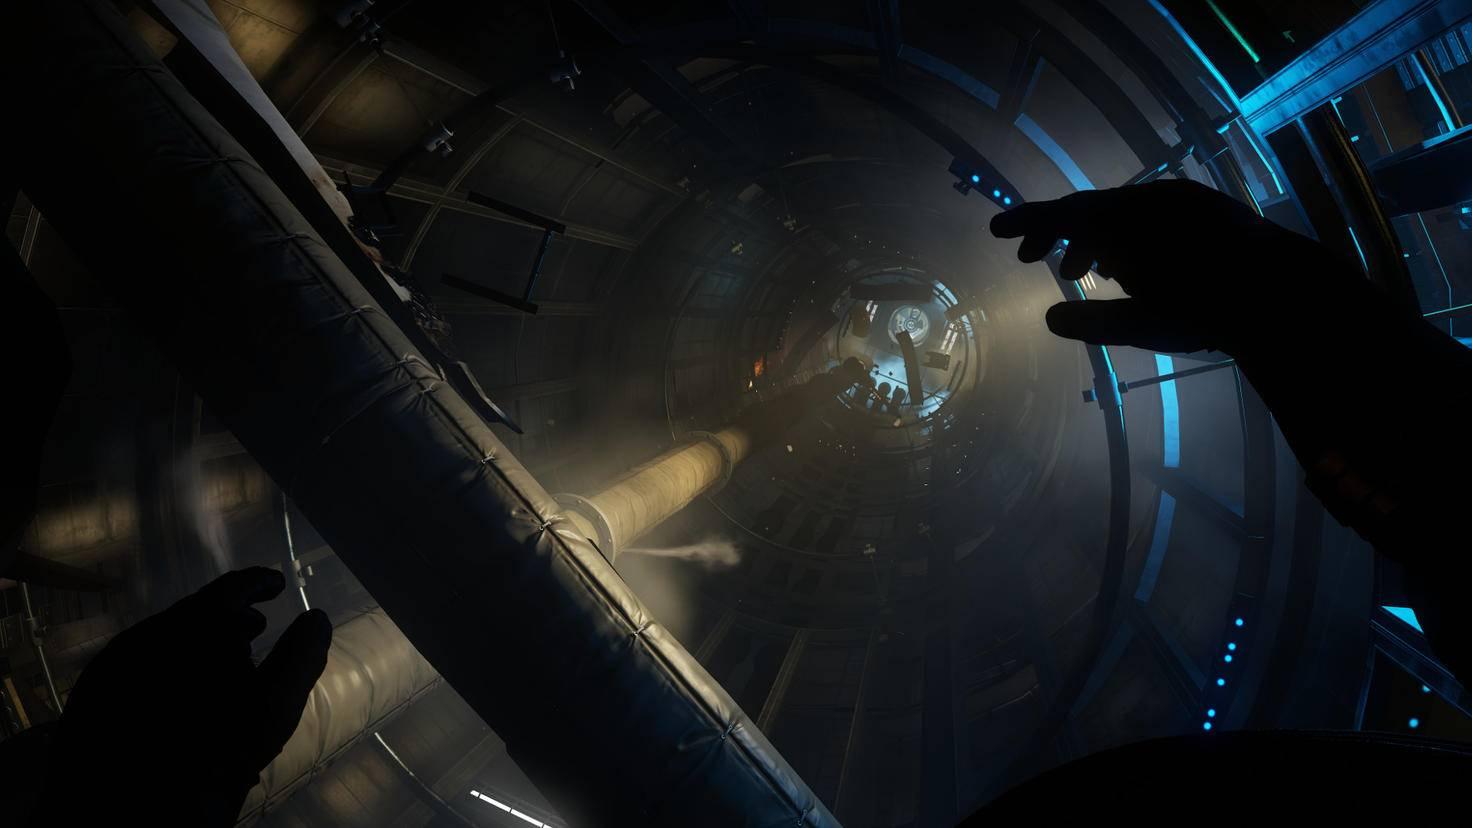 """Um in """"Prey"""" alle Teile der Raumstation zu erreichen, müssen wir durch Schwerelosigkeit manövrieren."""